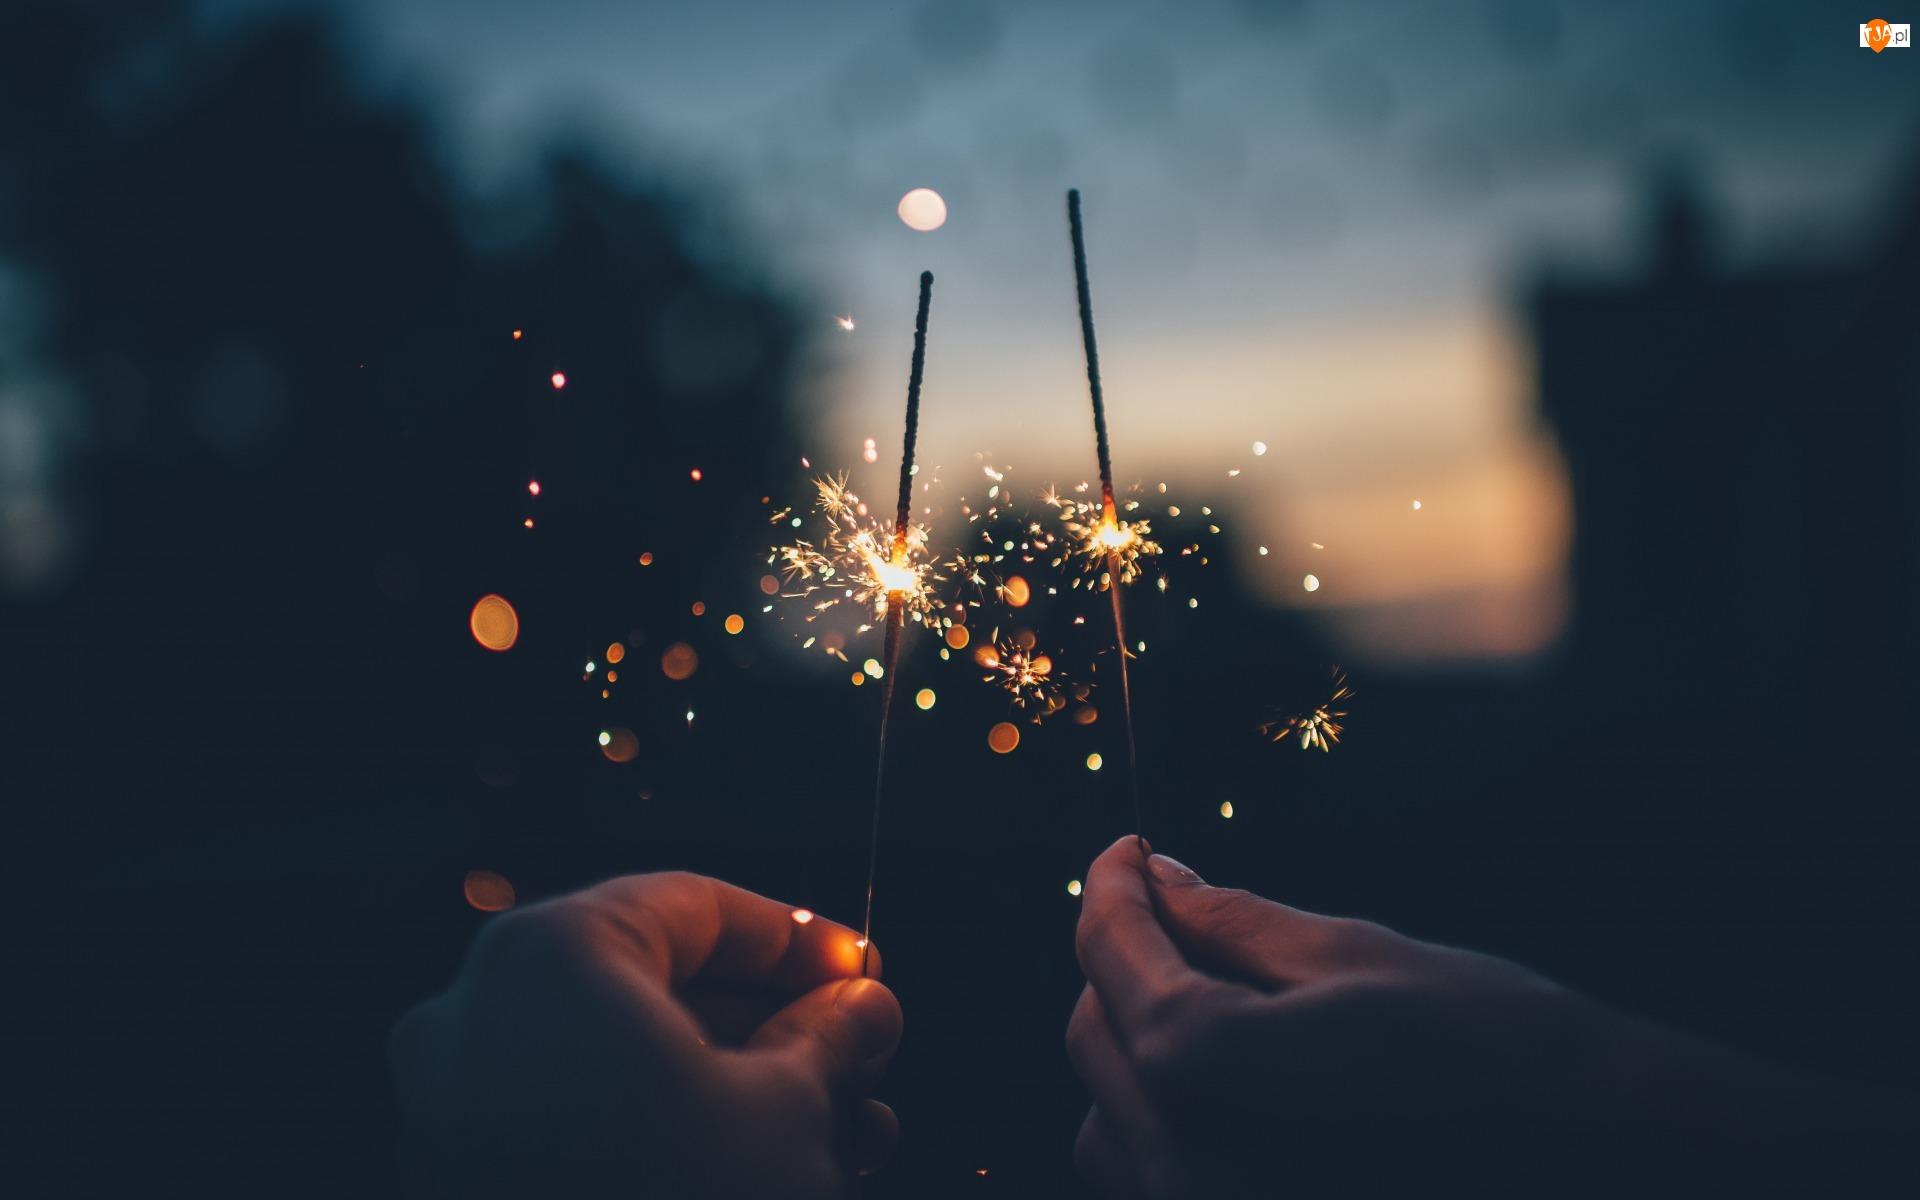 Odbicie, Noc, Zimne ognie, Sylwester, Światełka, Dłonie, Iskry